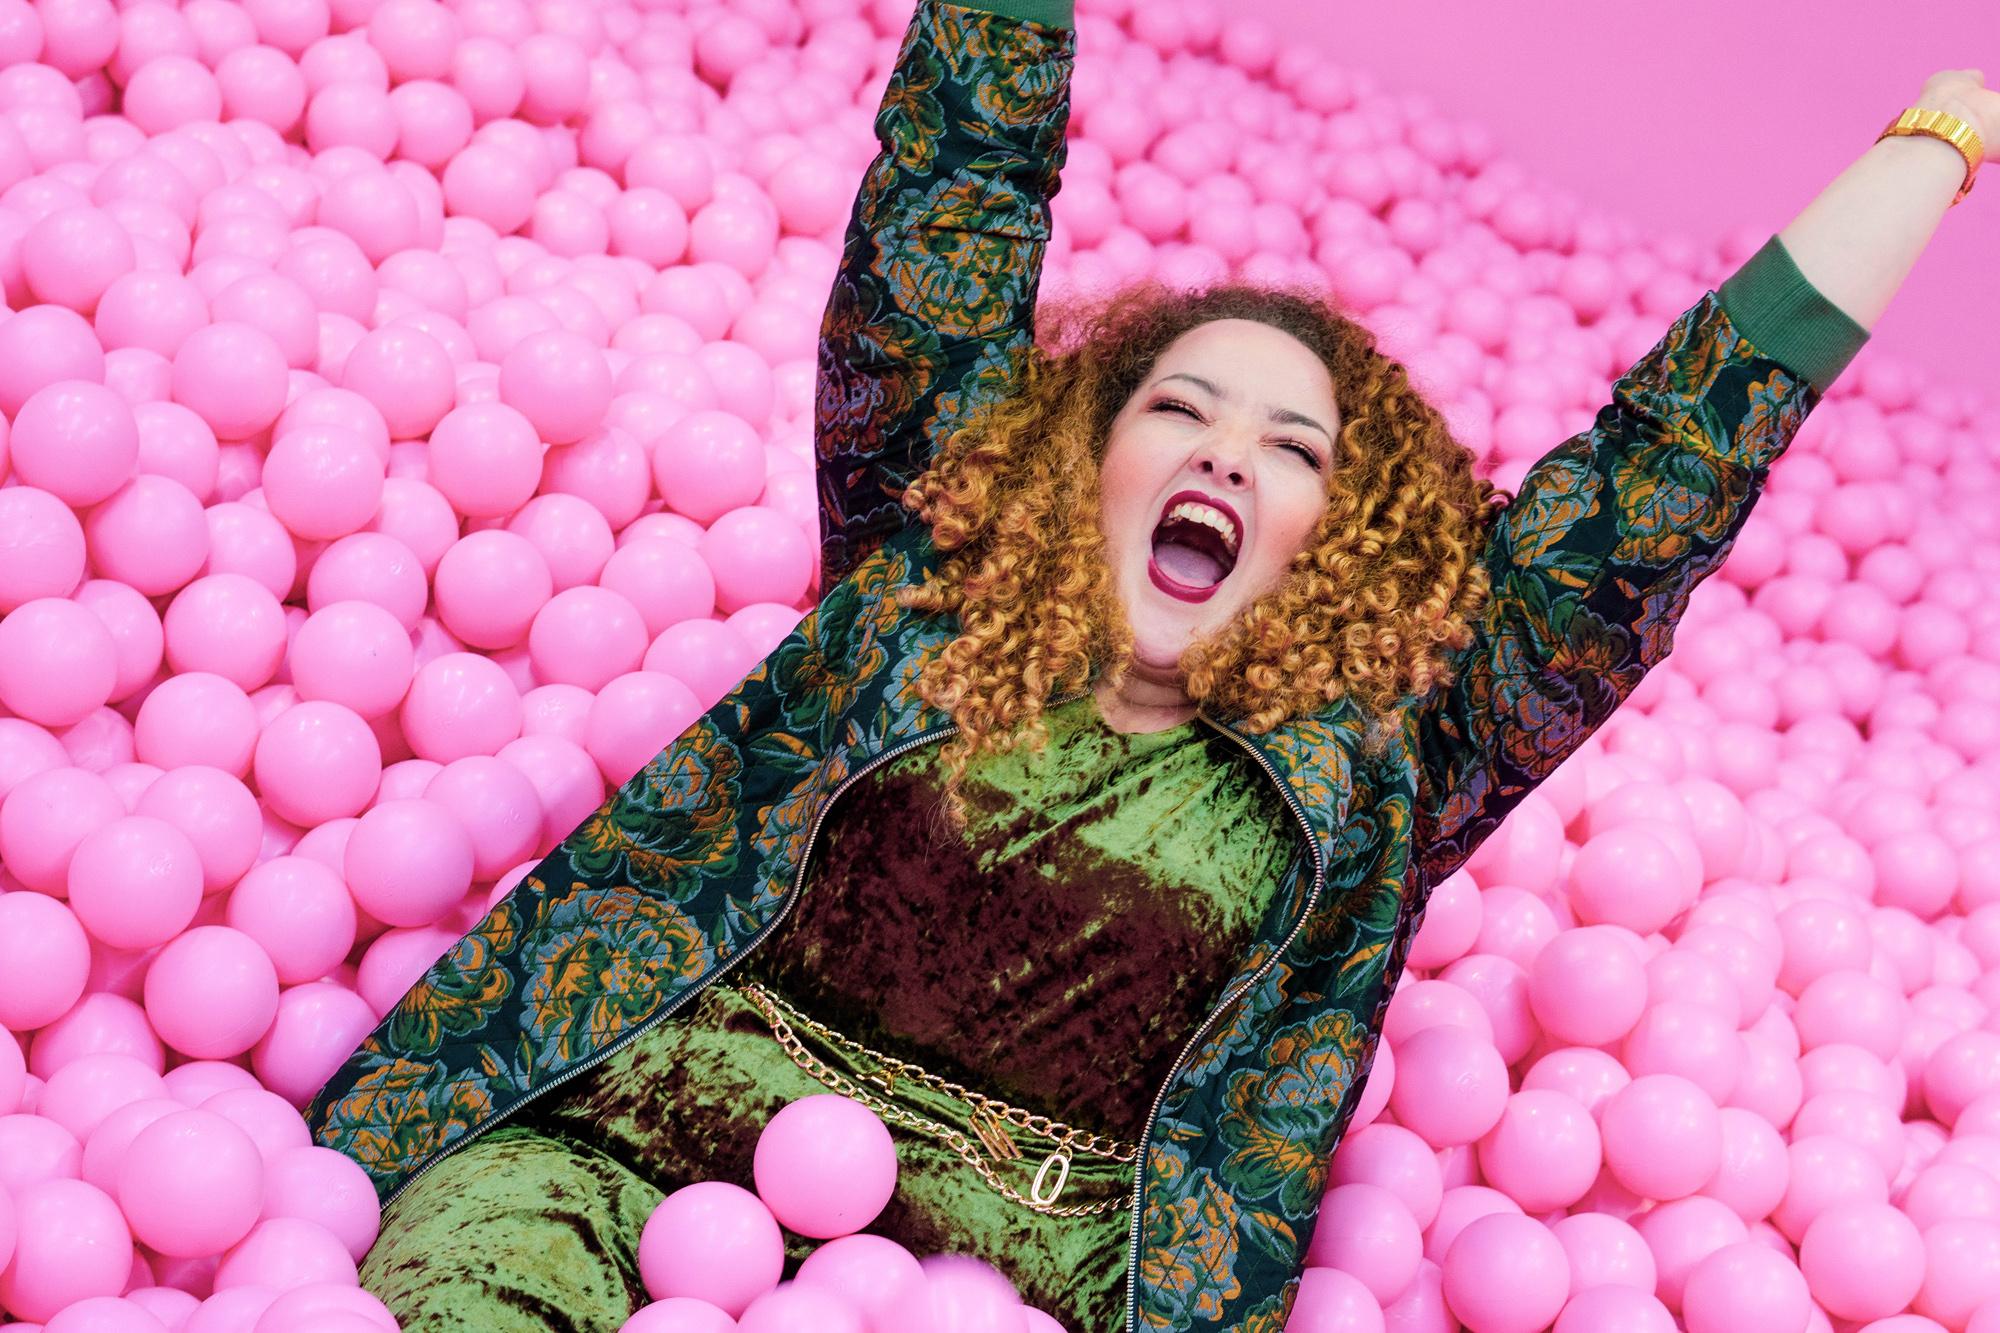 Happy_fat_woman_glücklich_bällebad_dicke_frau_mia_infatstyle